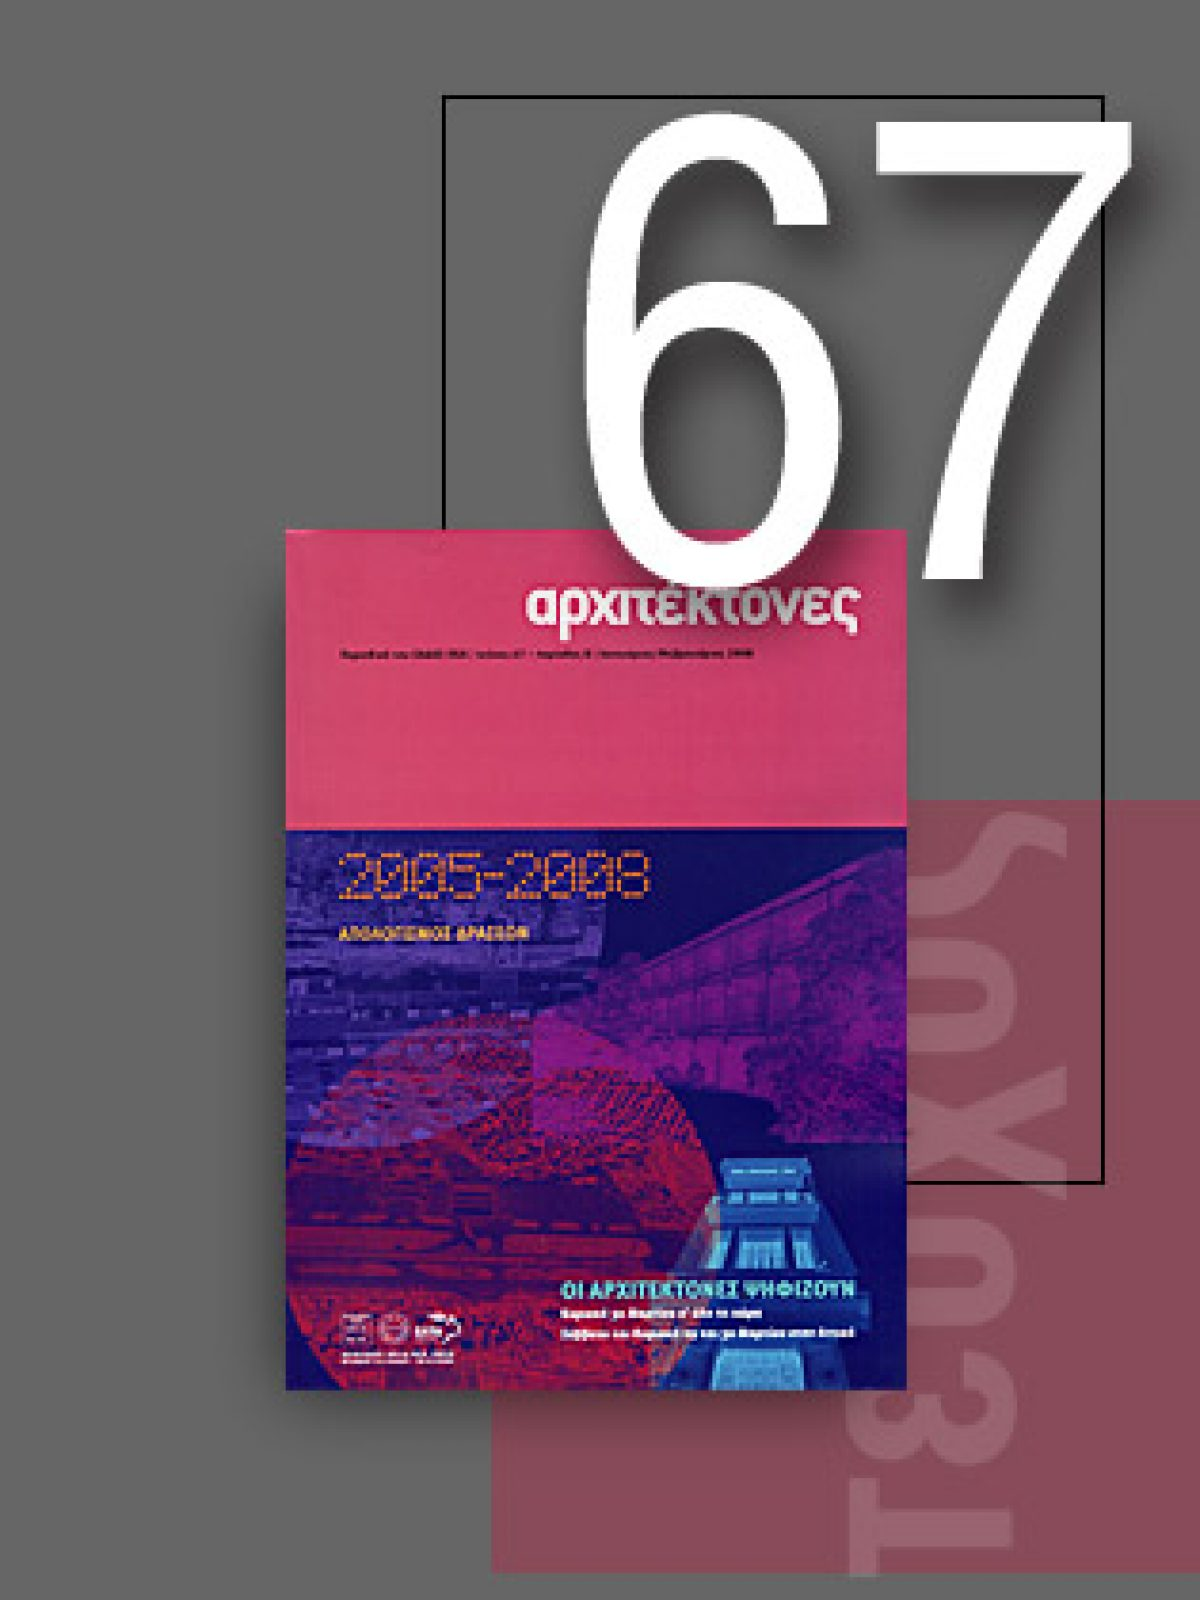 «Αρχιτέκτονες» Τεύχος 67, Περίοδος Β', Ιανουάριος/Φεβρουάριος 2008 | 2005-2008 – Aπολογισμός δράσεων